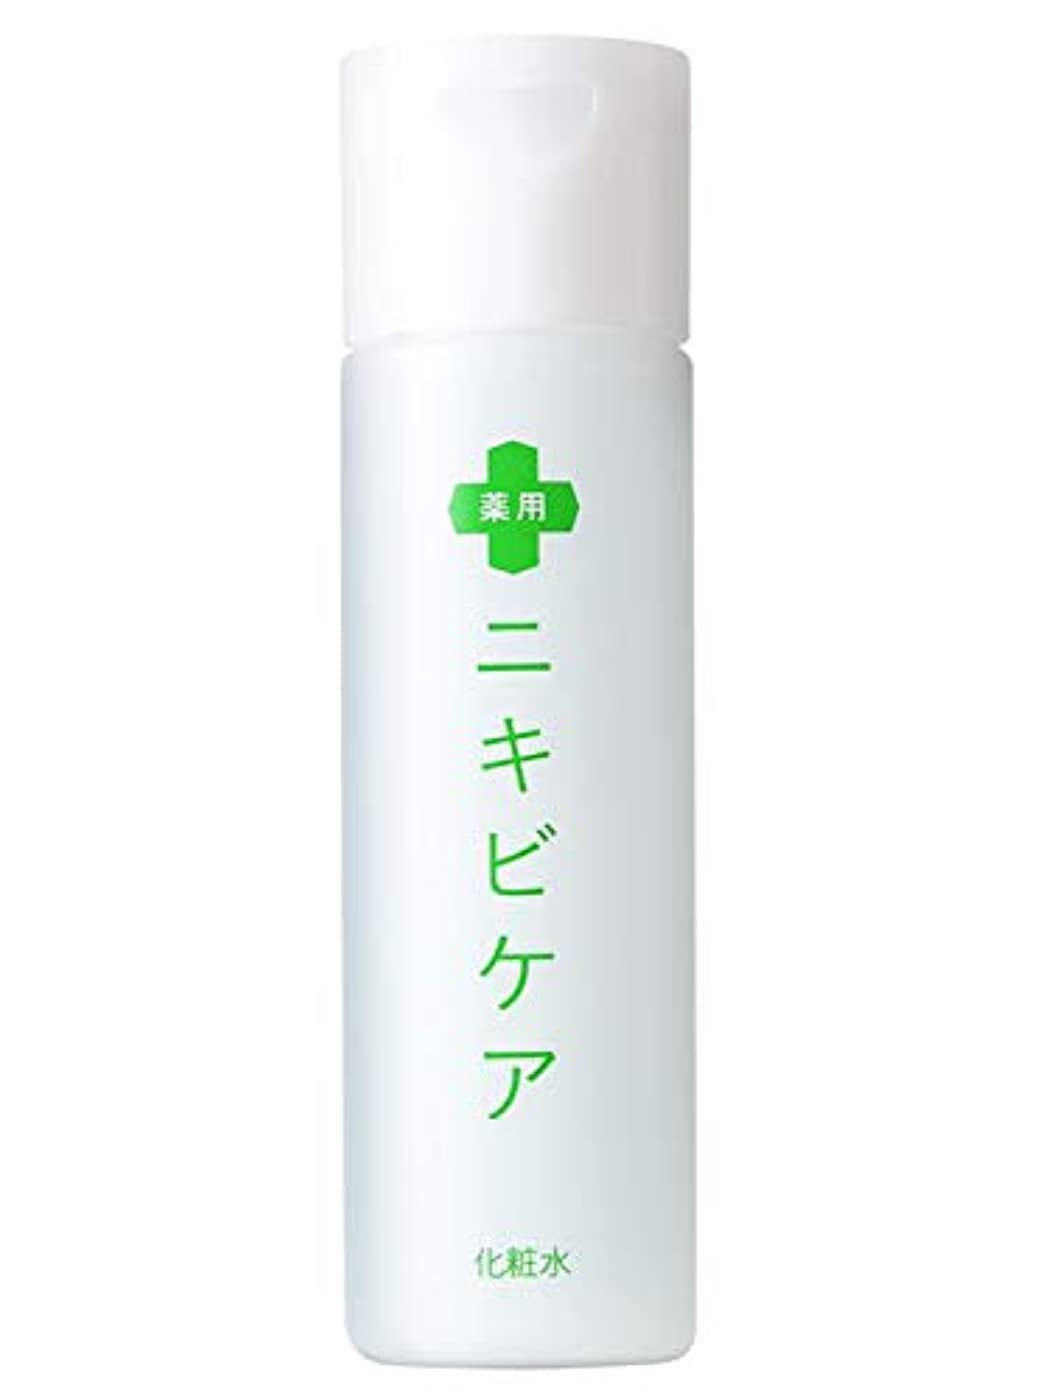 穏やかな玉ねぎ支払い医薬部外品 薬用 ニキビケア 化粧水 大人ニキビ 予防「 あご おでこ 鼻 ニキビ アクネ 対策」「 肌をひきしめサラサラに 」「 コラーゲン プラセンタ 配合 」 メンズ & レディース 120ml